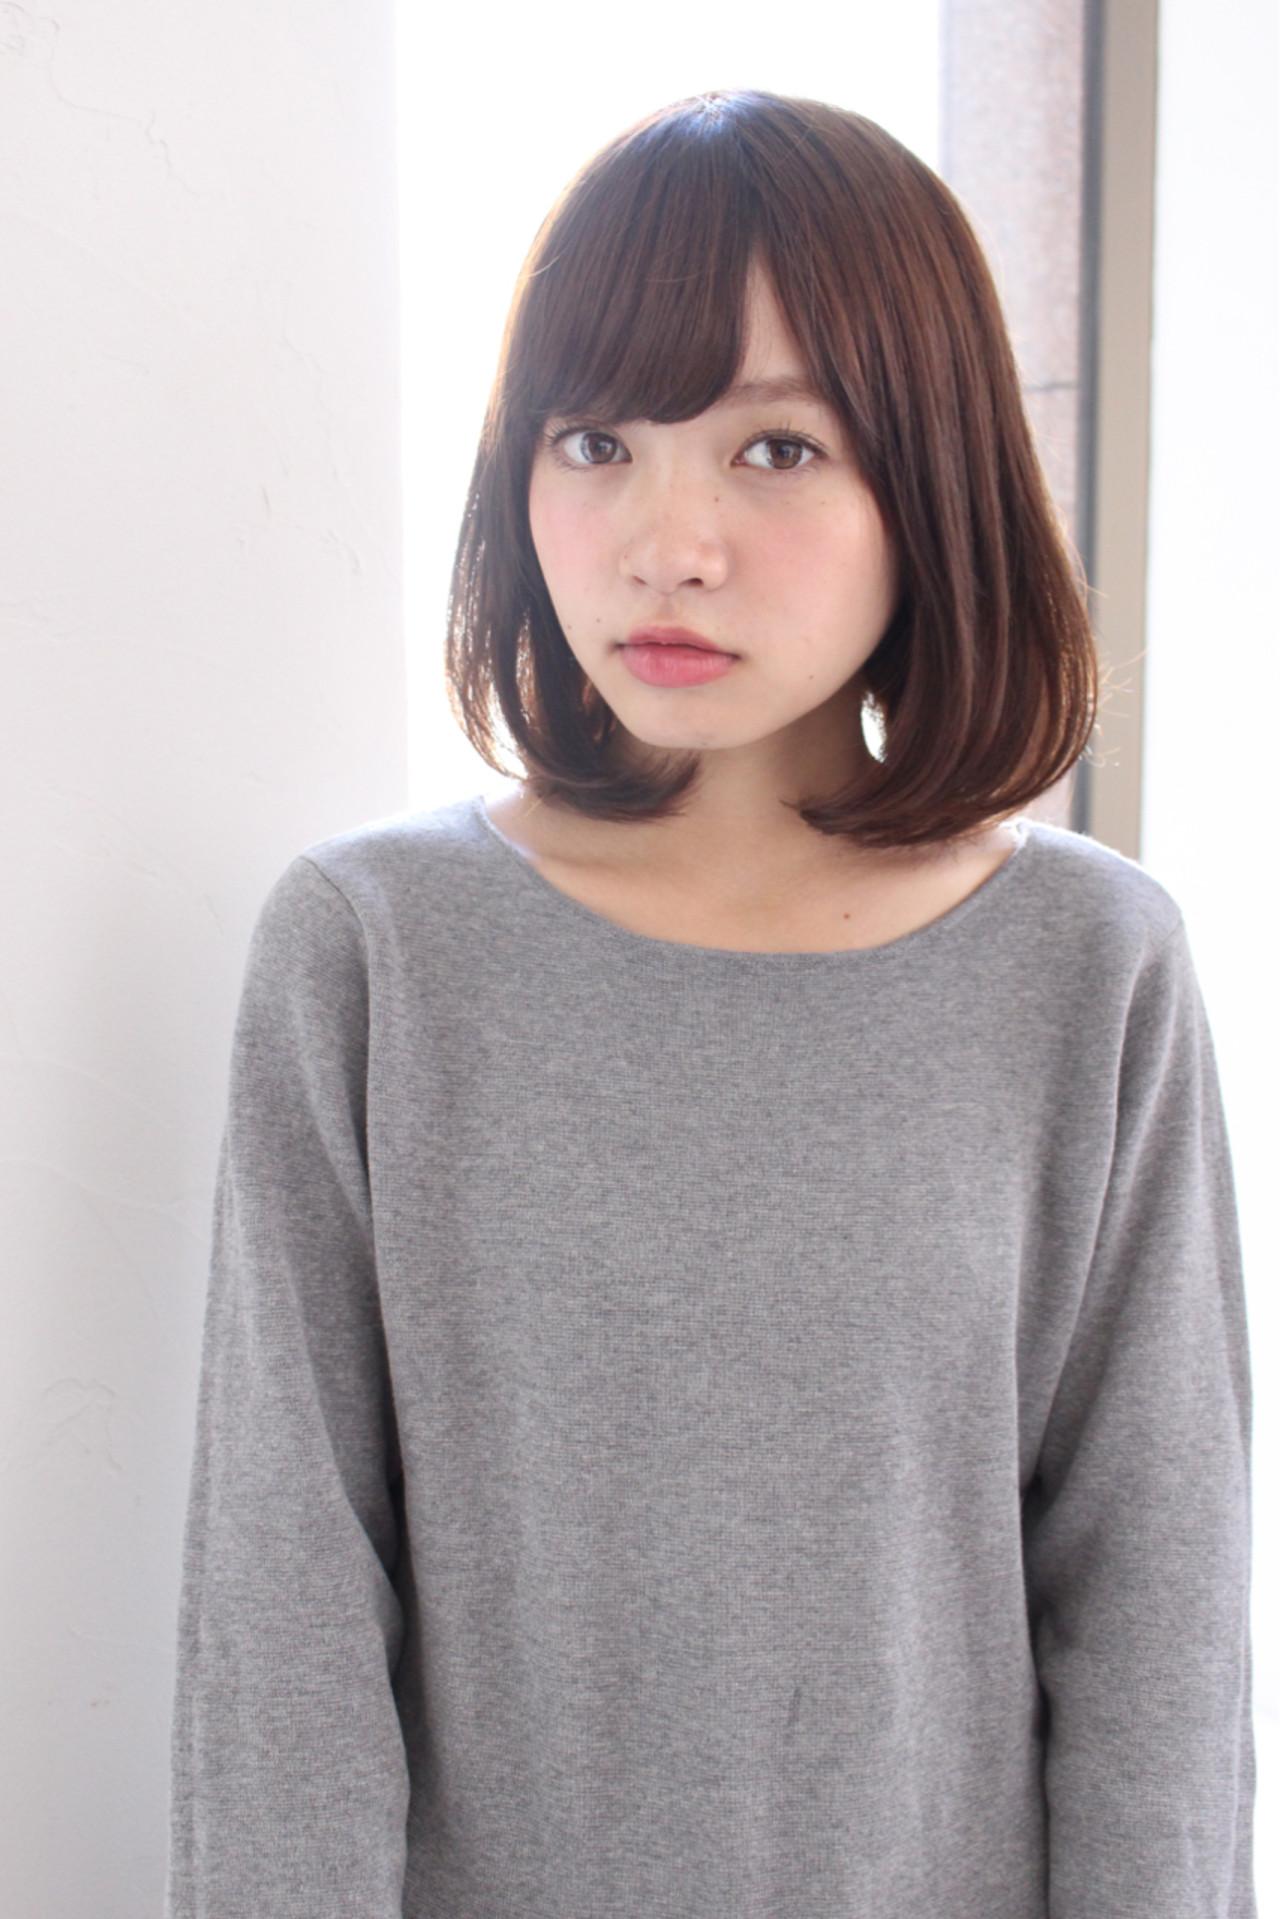 ナチュラル フリンジバング ミルクティー 黒髪 ヘアスタイルや髪型の写真・画像 | 赤井希望 / joemibyUnami